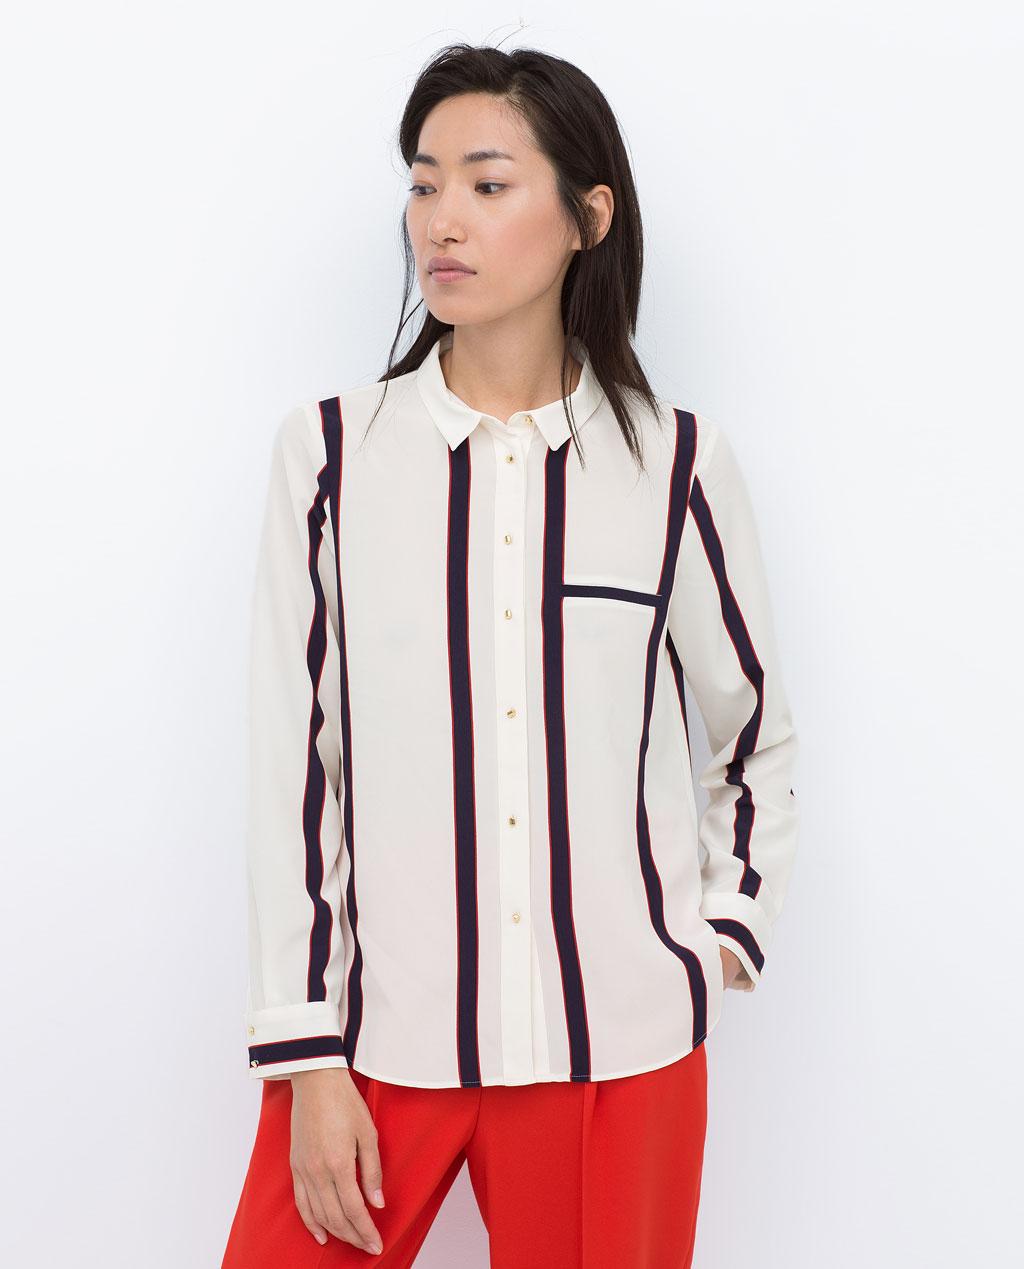 economico per lo sconto 12306 a8d51 camicie di primavera zara - Mode